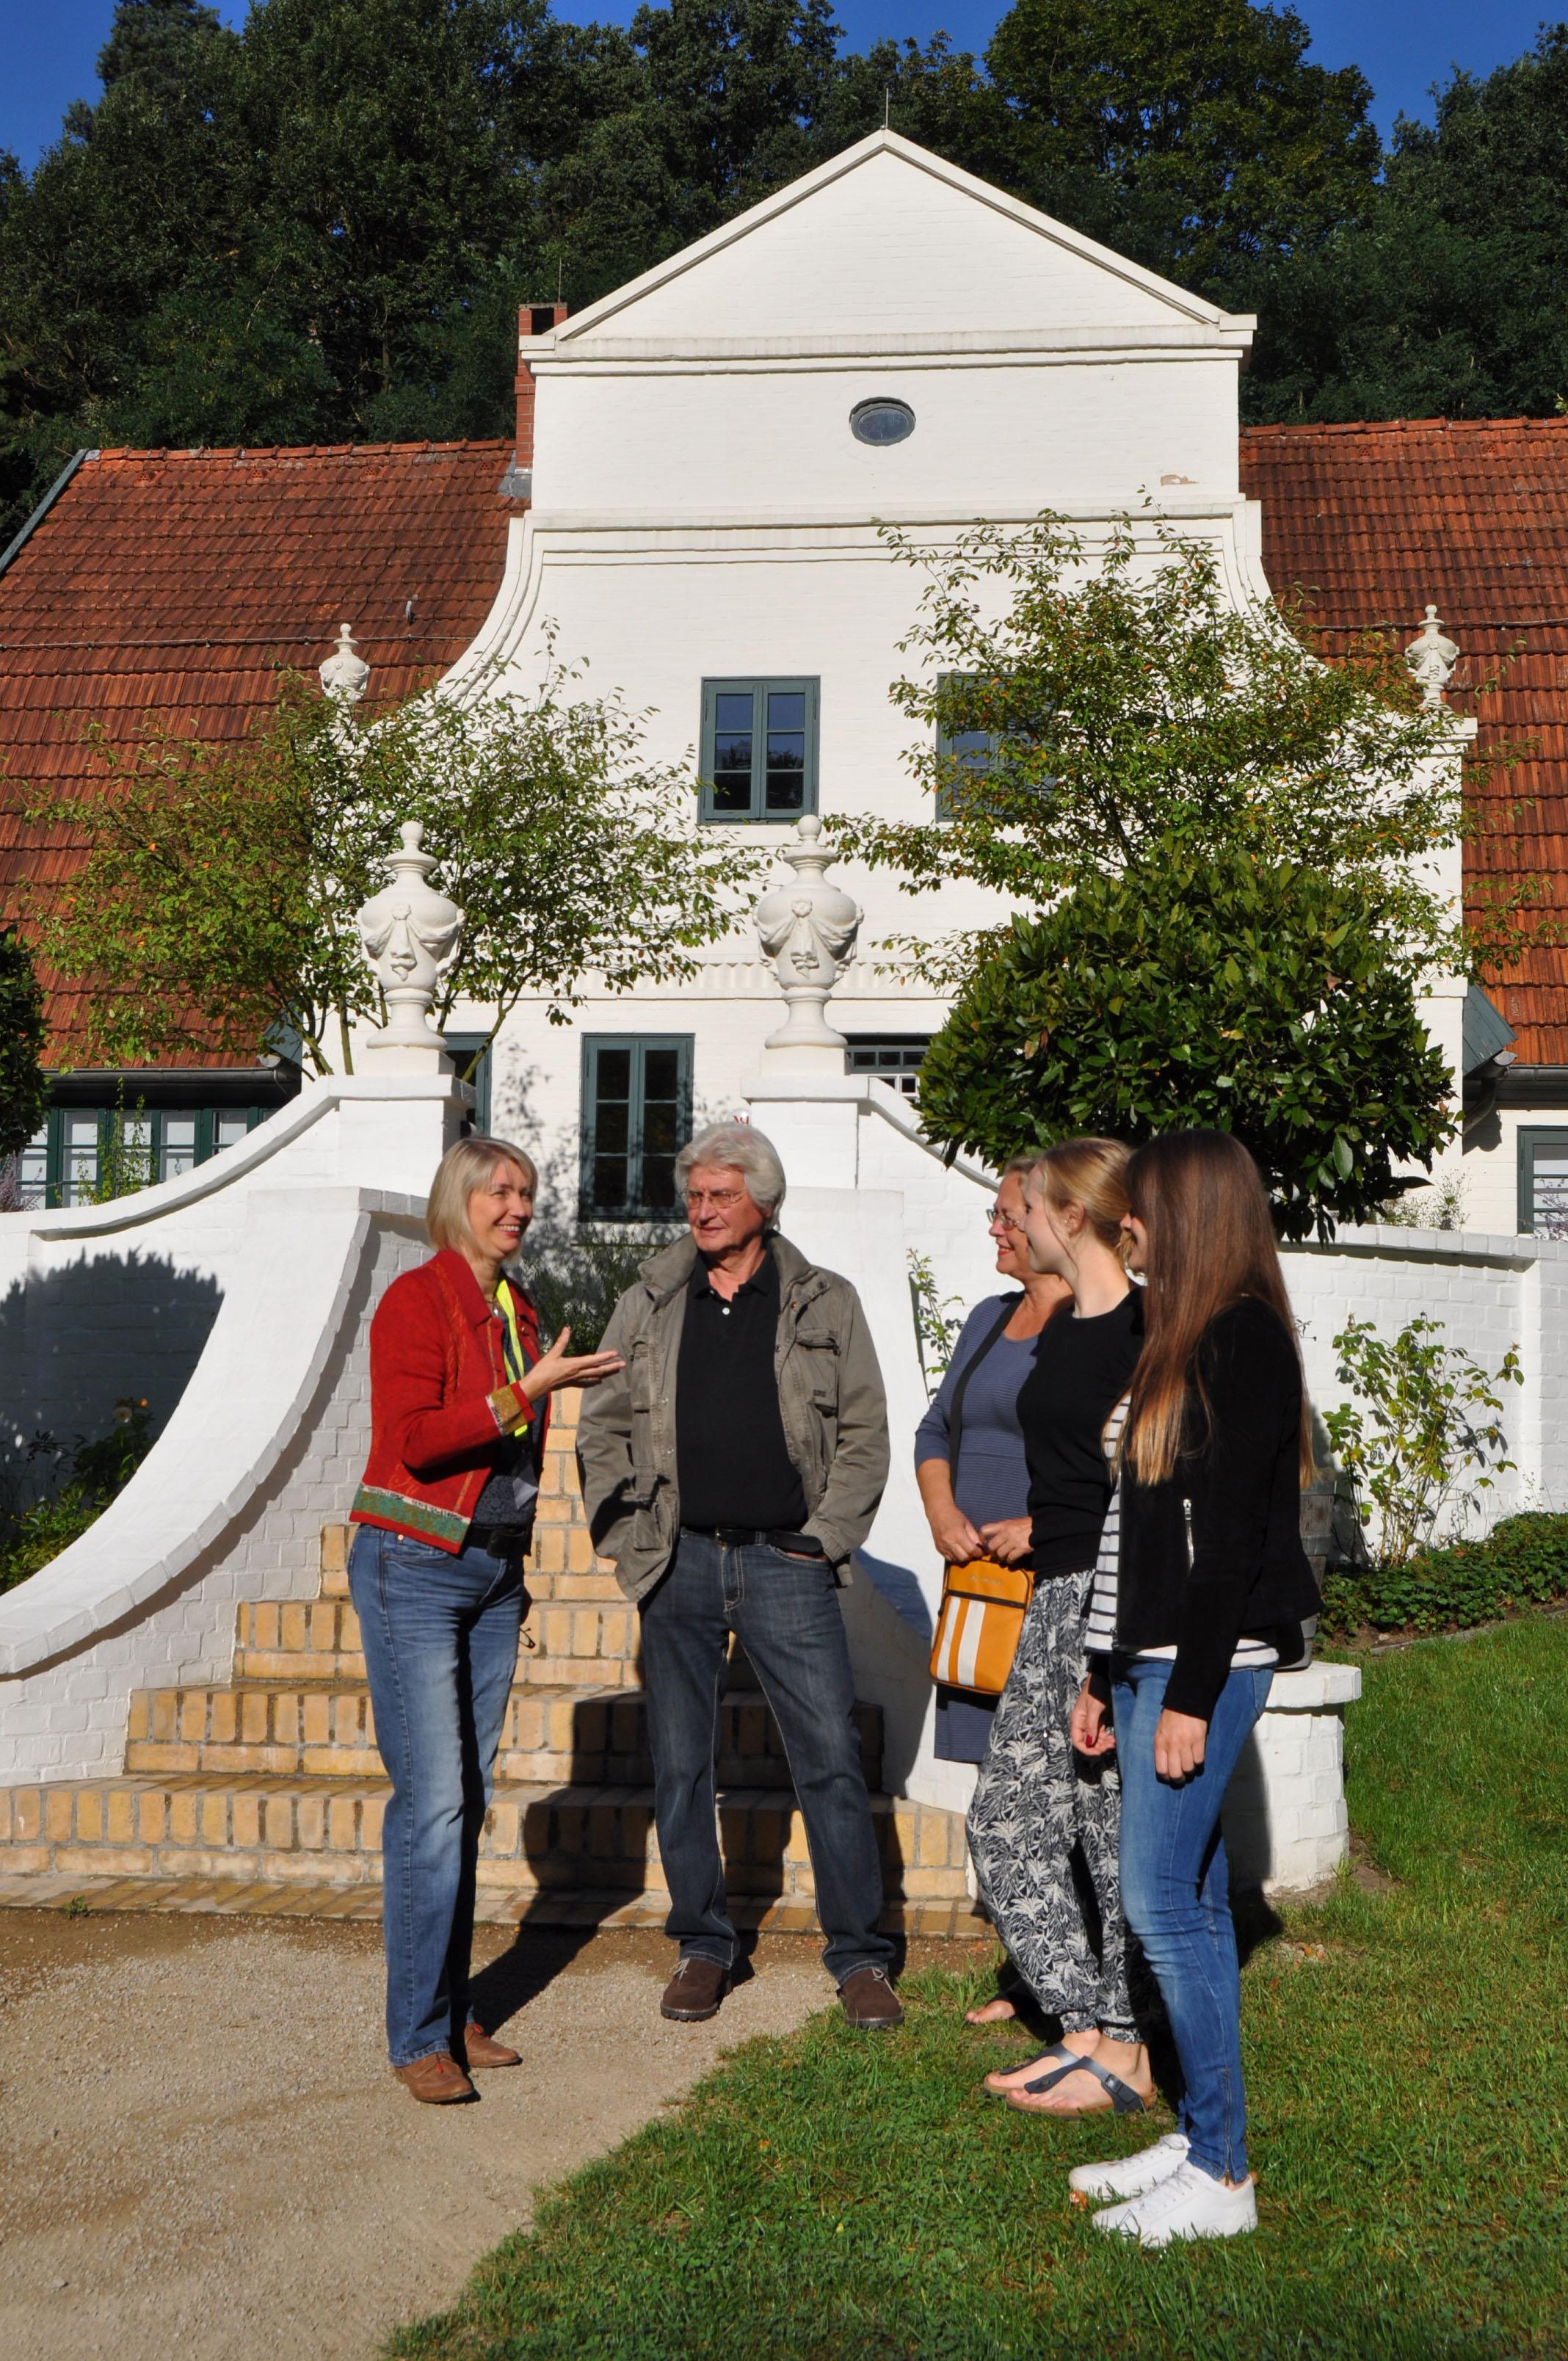 Gästeführerin Daniela Platz, Urenkelin des berühmten Worpsweder Künstlerpaares Martha und Heinrich Vogeler, vor dem Museum Barkenhoff.